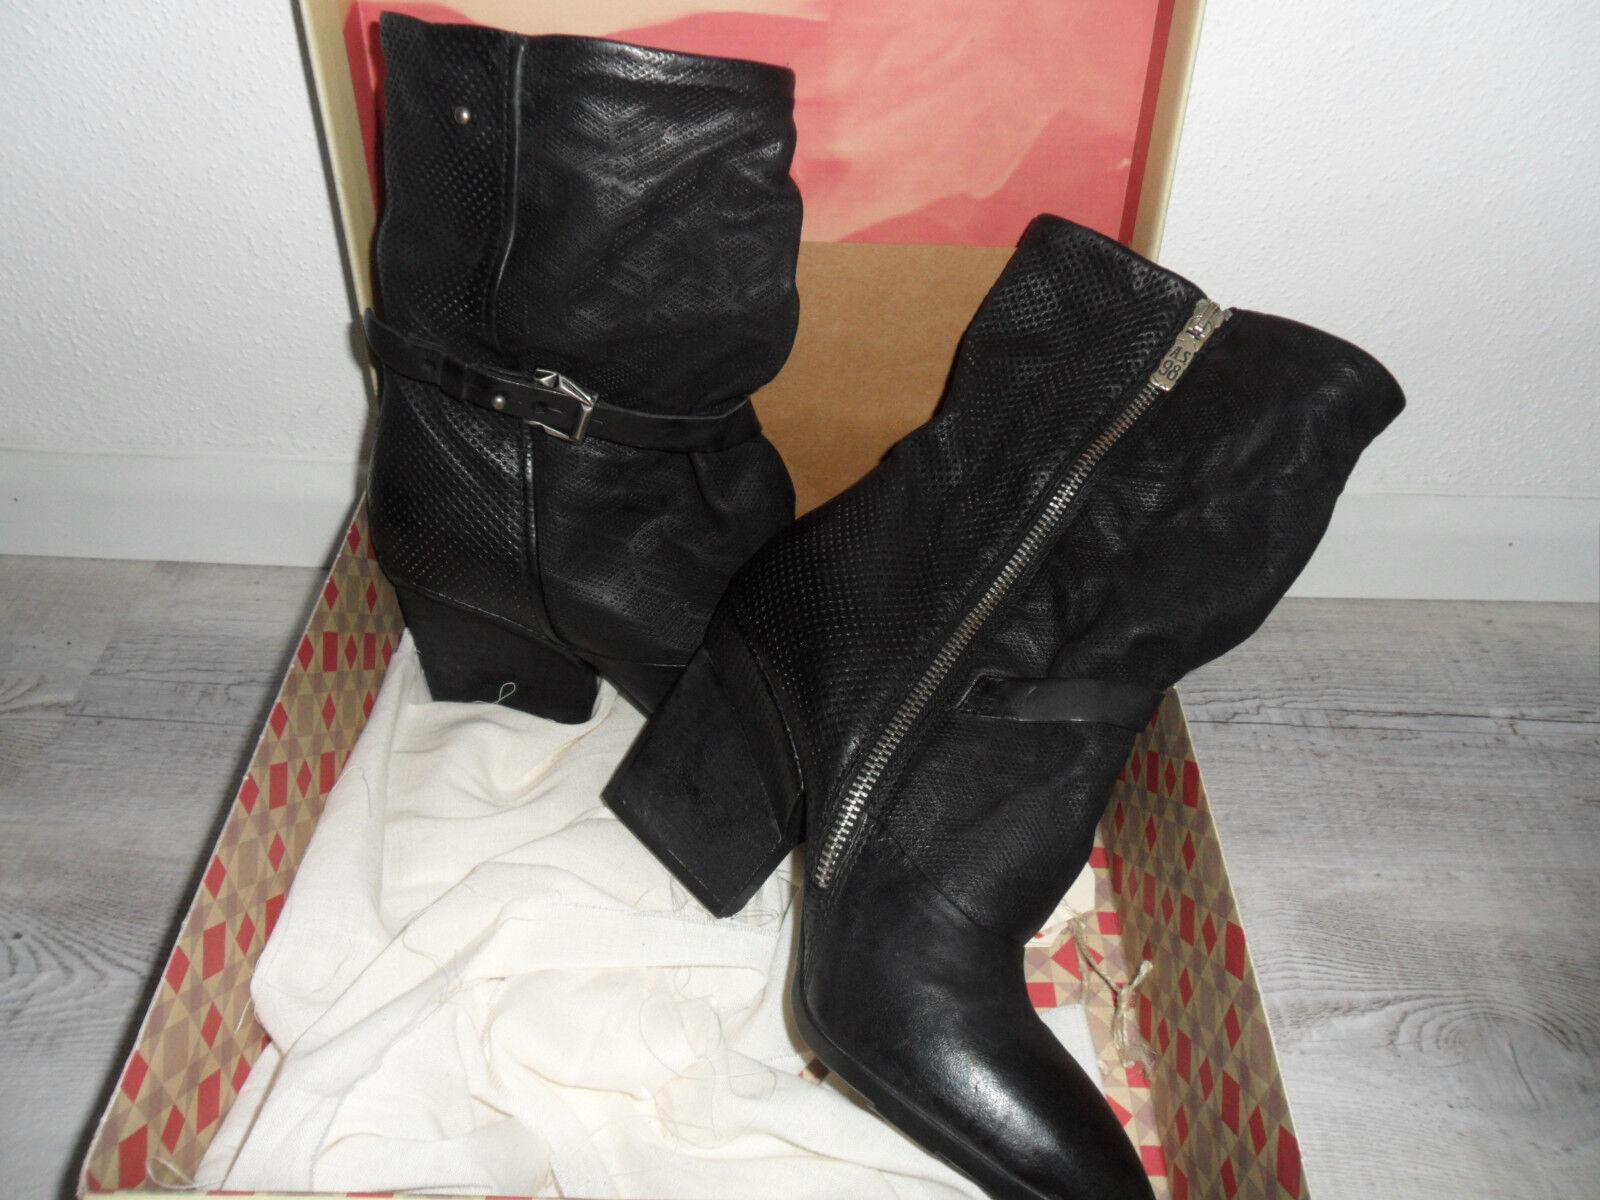 A.S.98 Damen Stiefel, Gr. 39, Echtleder, Echtleder, Echtleder, schwarz, NEU 36bca3